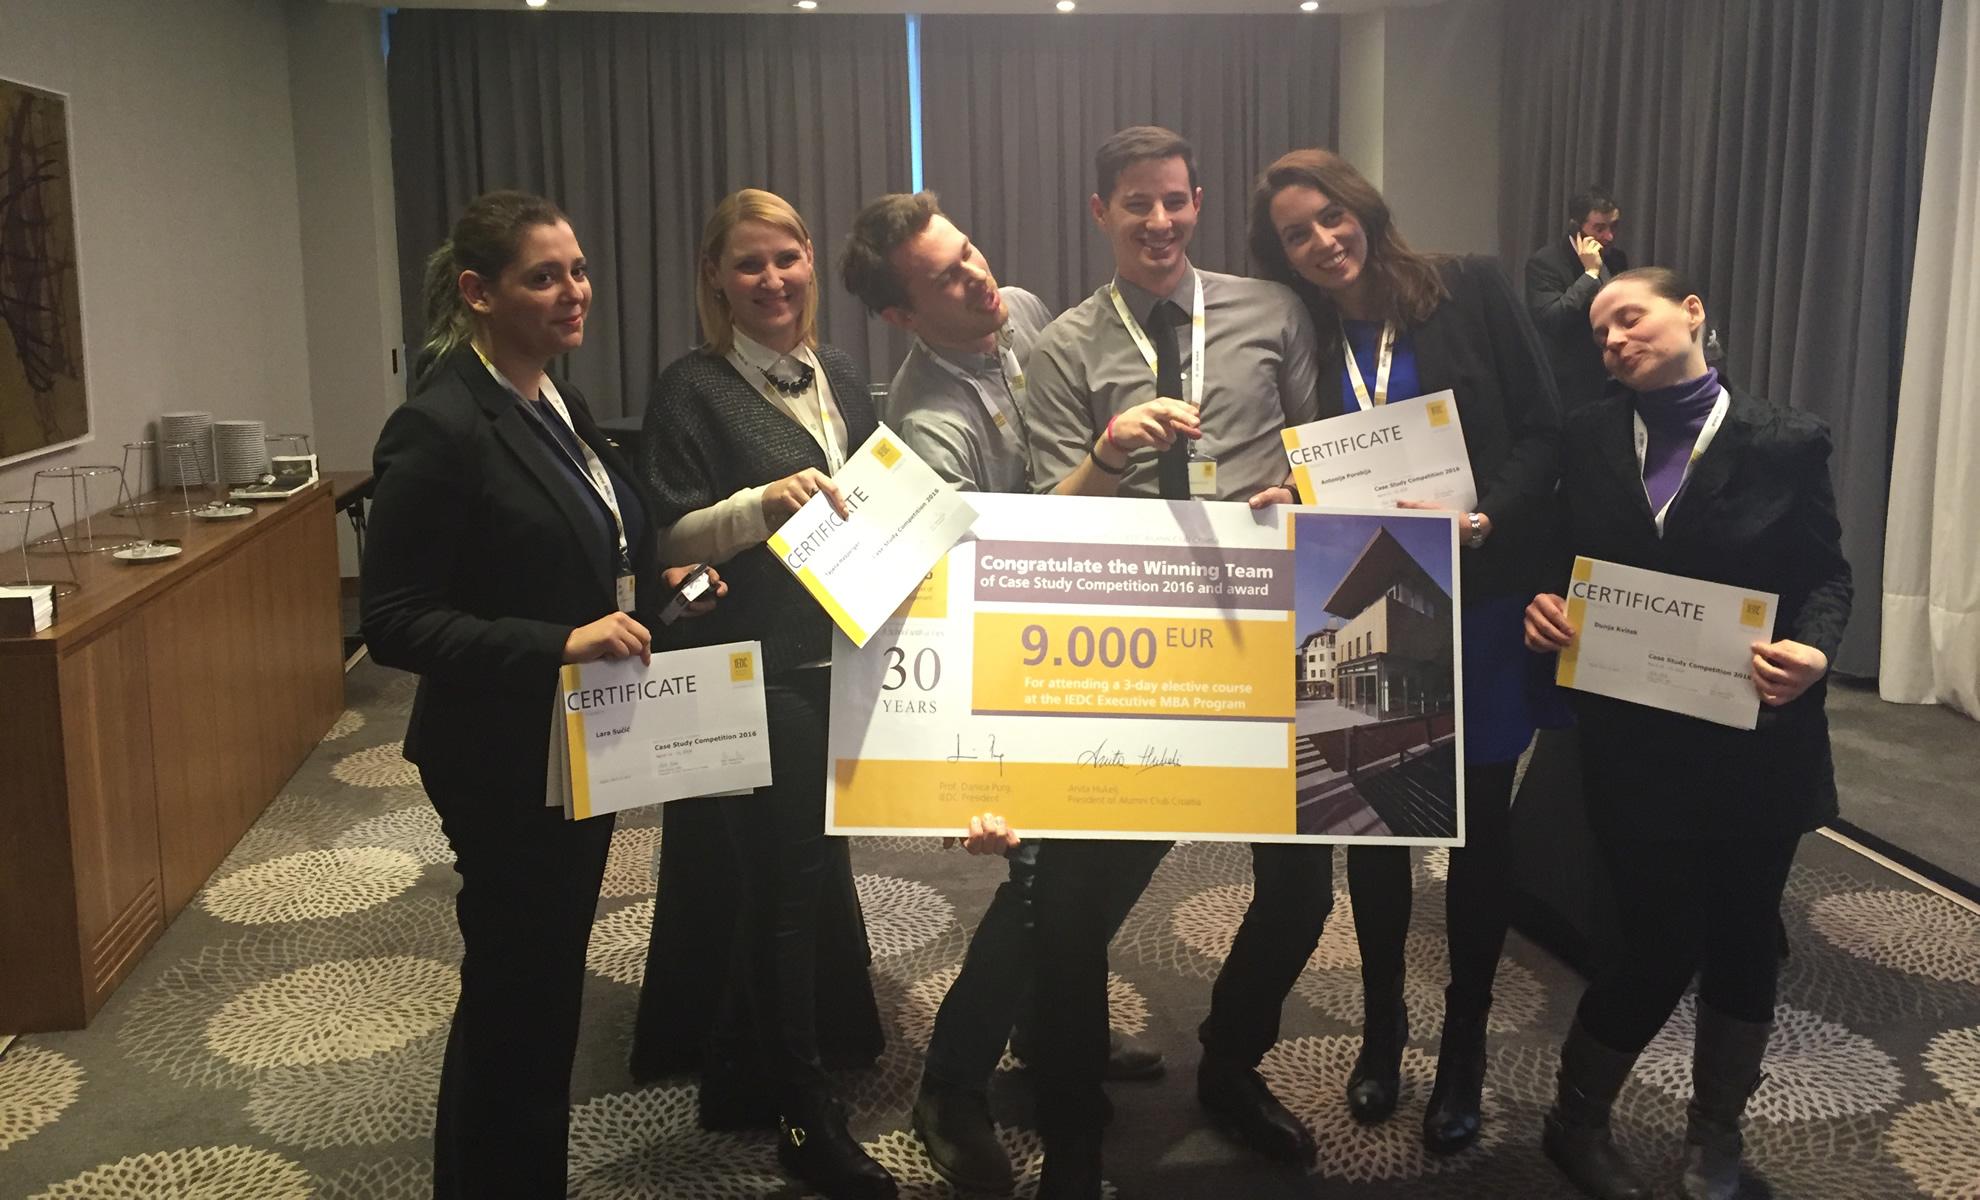 IEDC CSC Zagreb